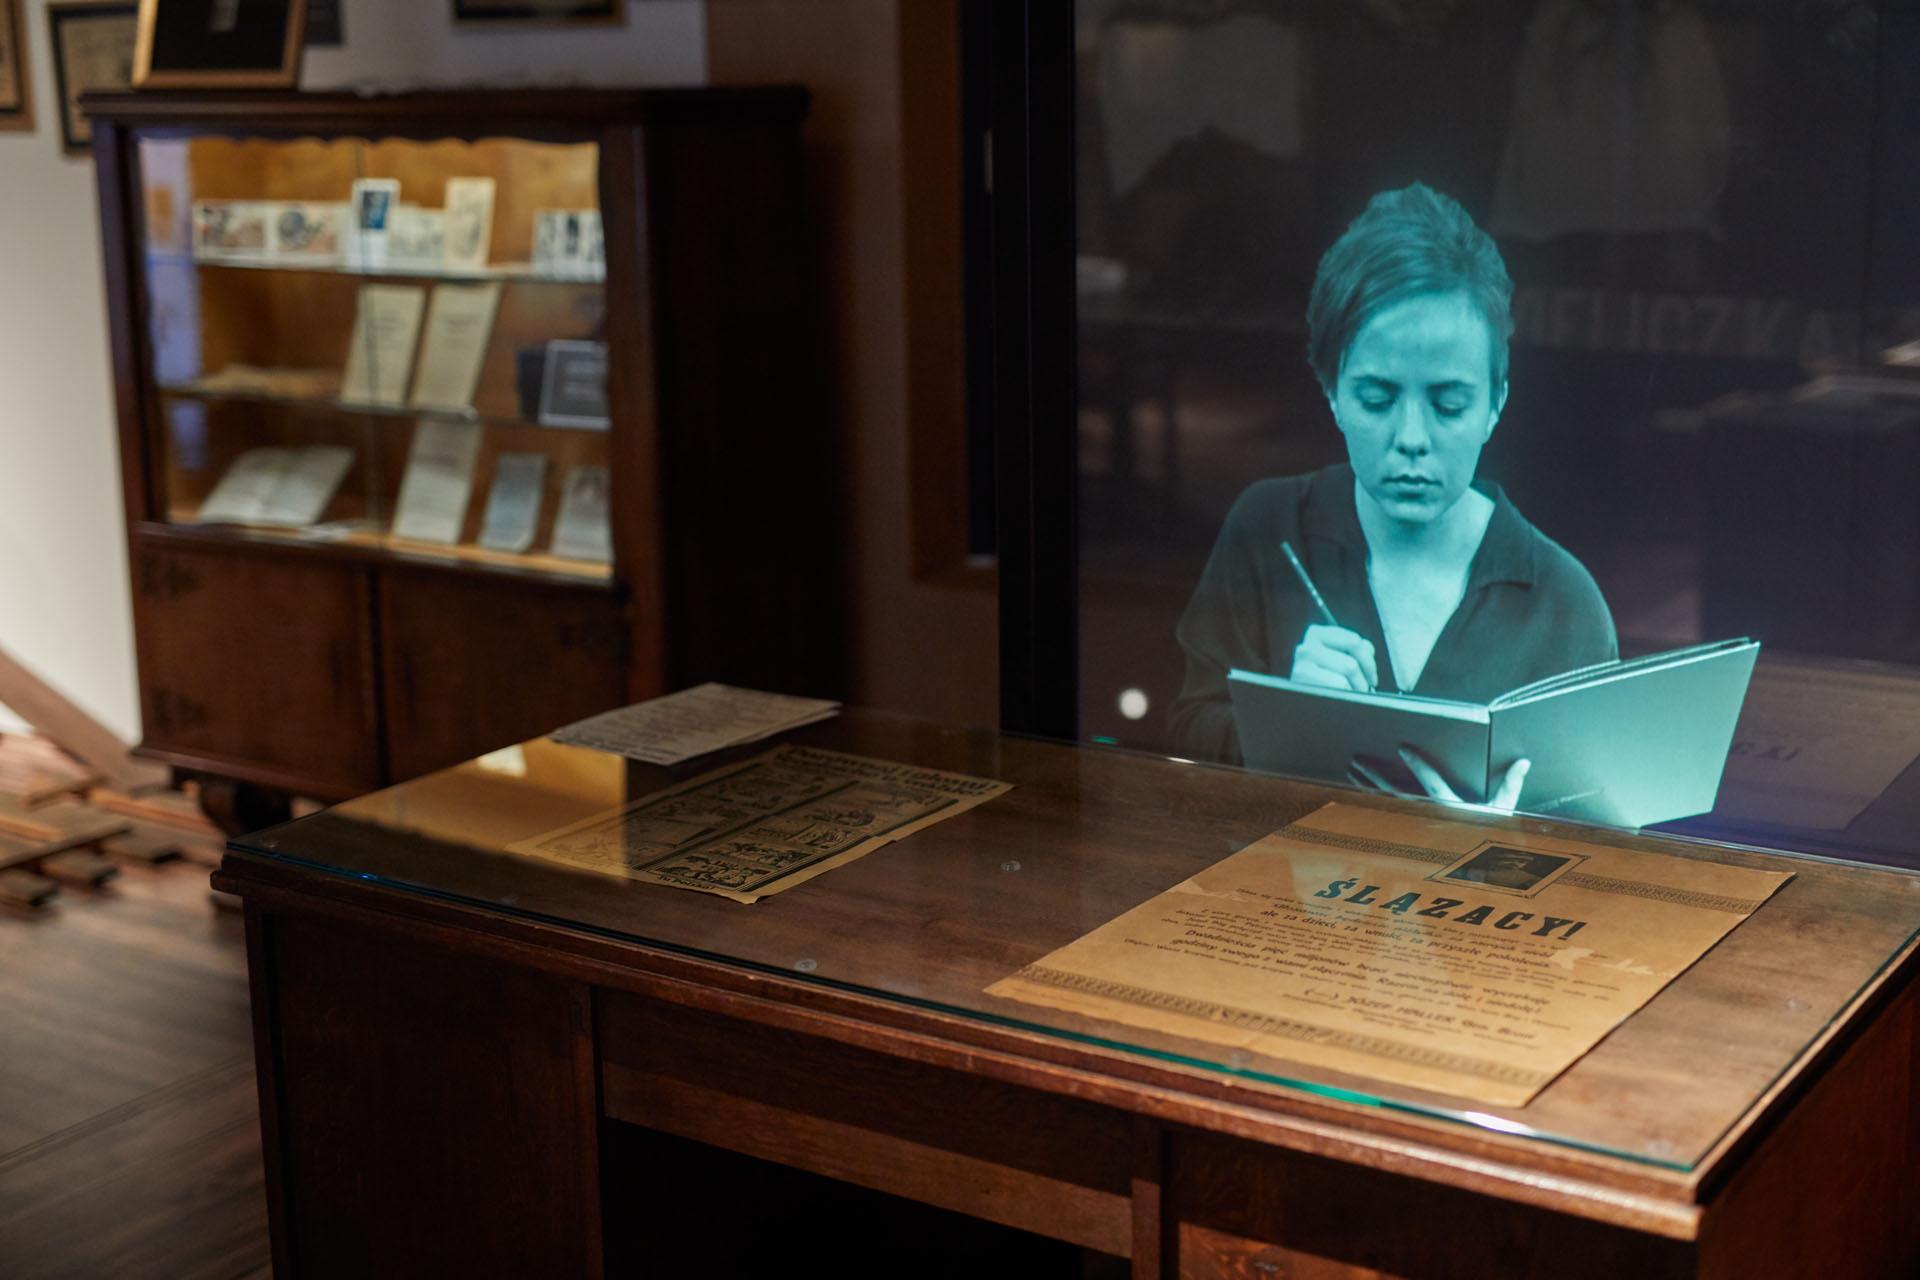 Widok na wystawę/. Widać biurko i eksponaty.